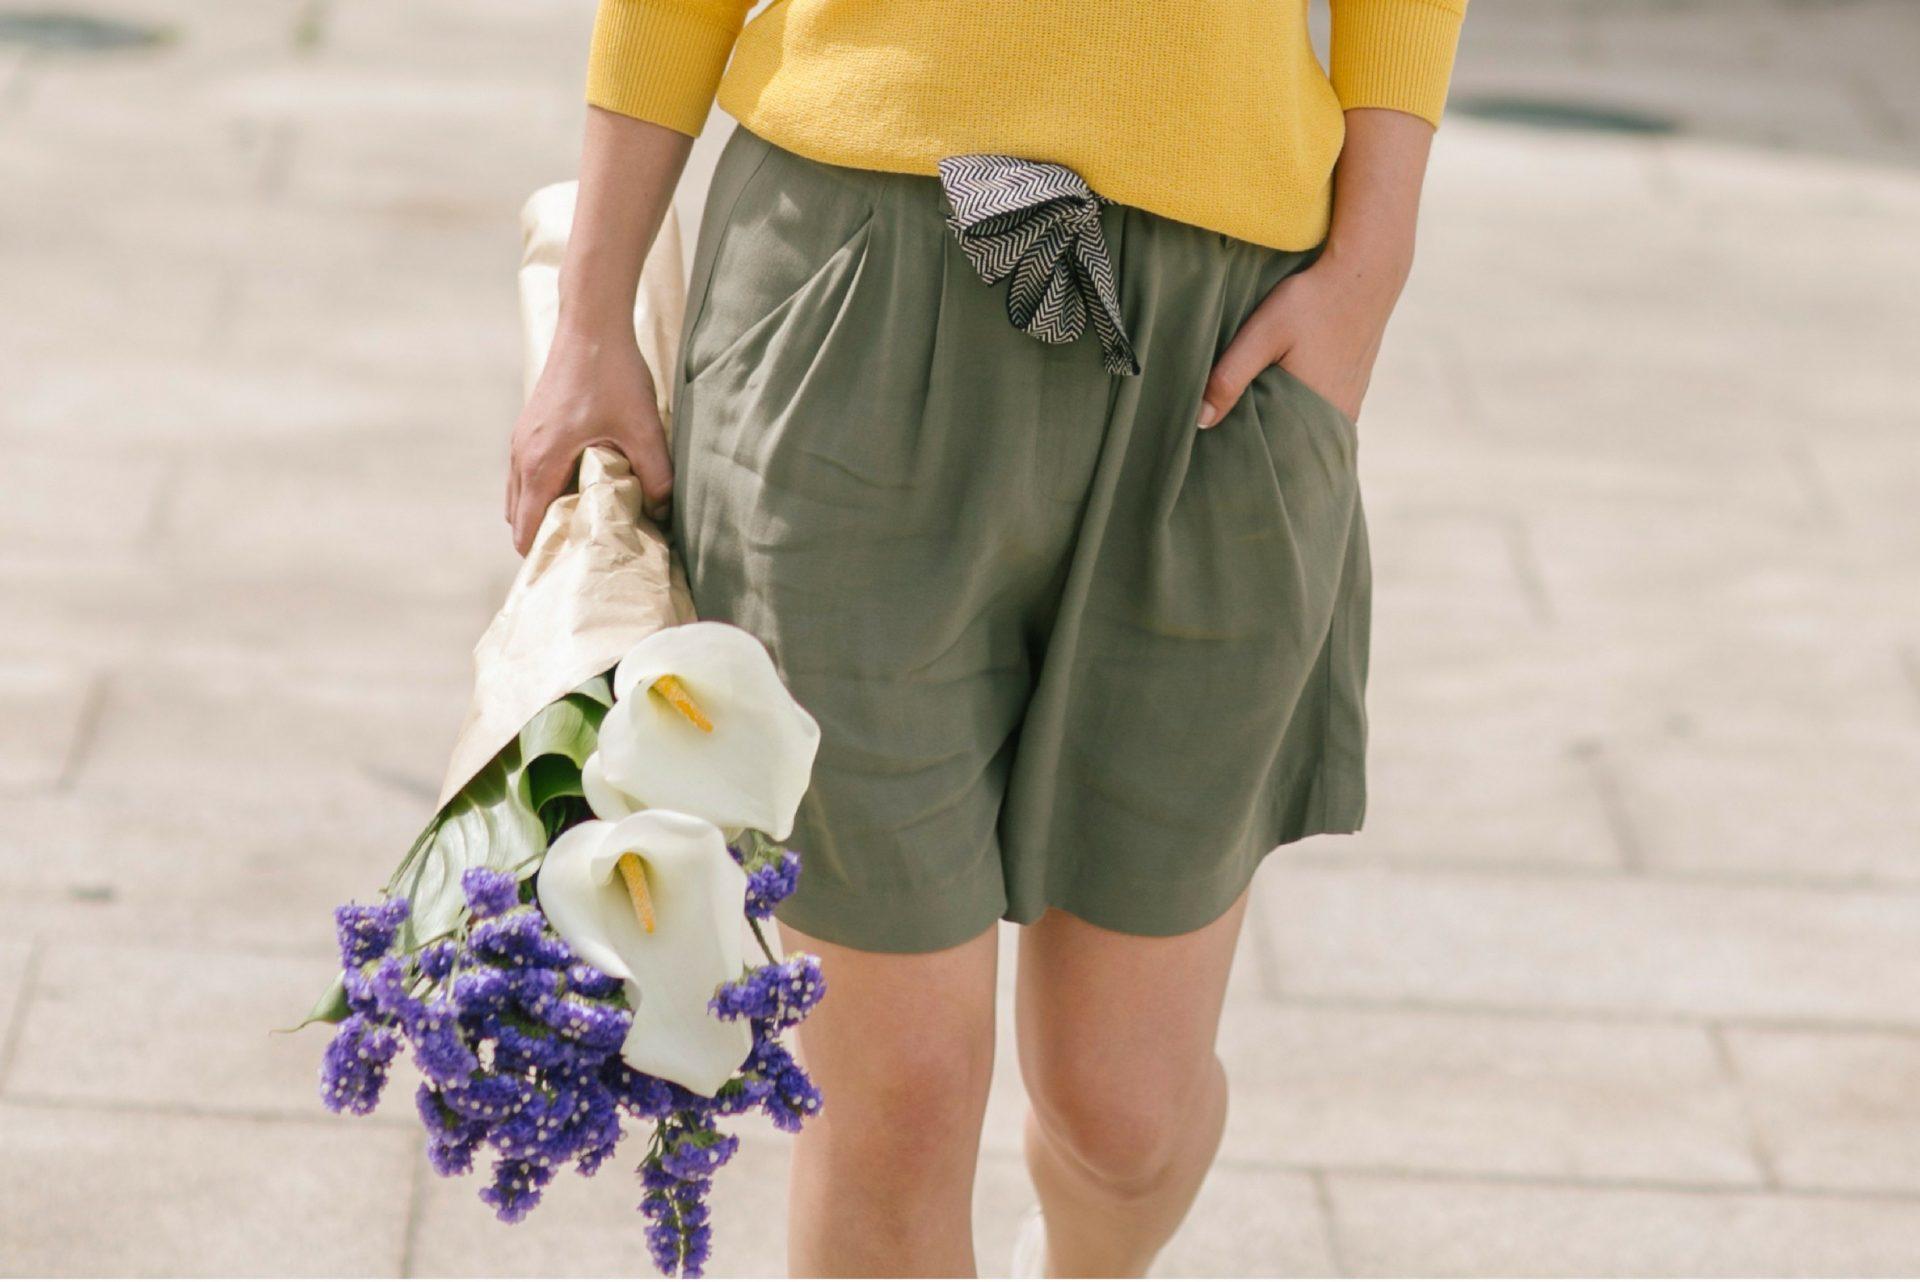 Pantalón corto khaki con jersey amarillo